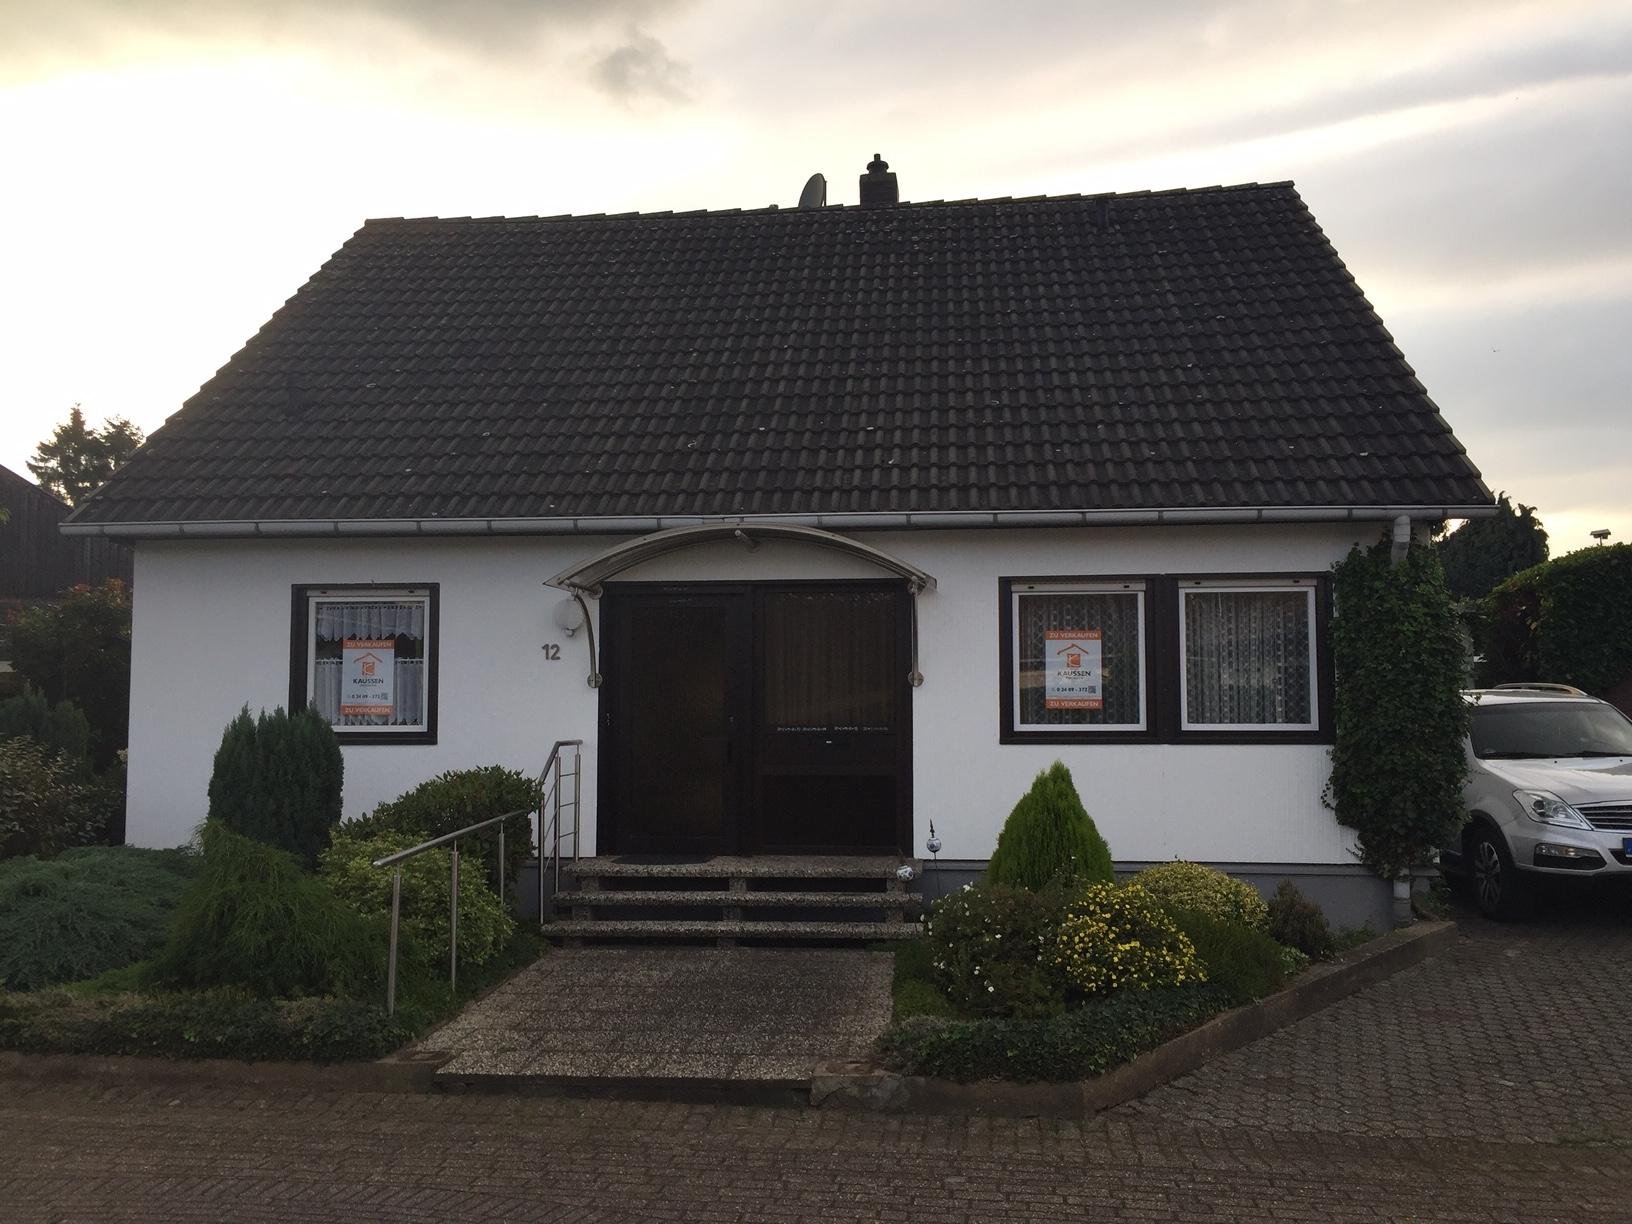 Referenzen: Haus von Reiner L.